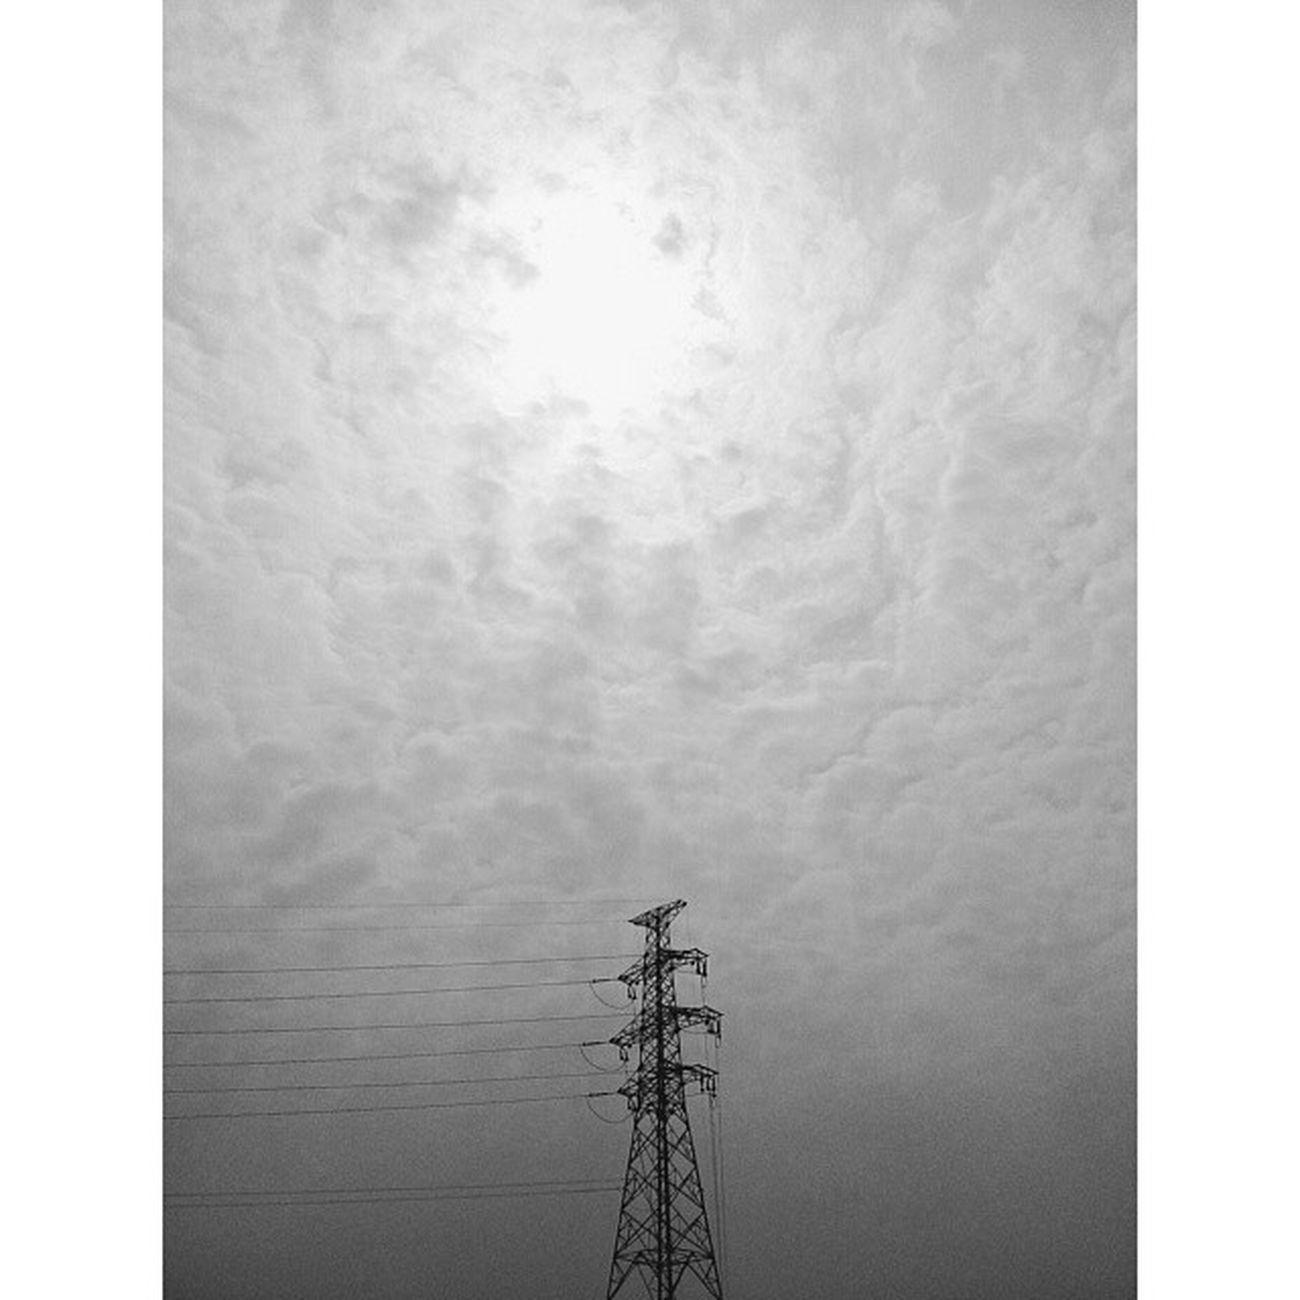 黑白 长沙 湖南农业大学 Blackandwhite changsha vsco vscocam sky